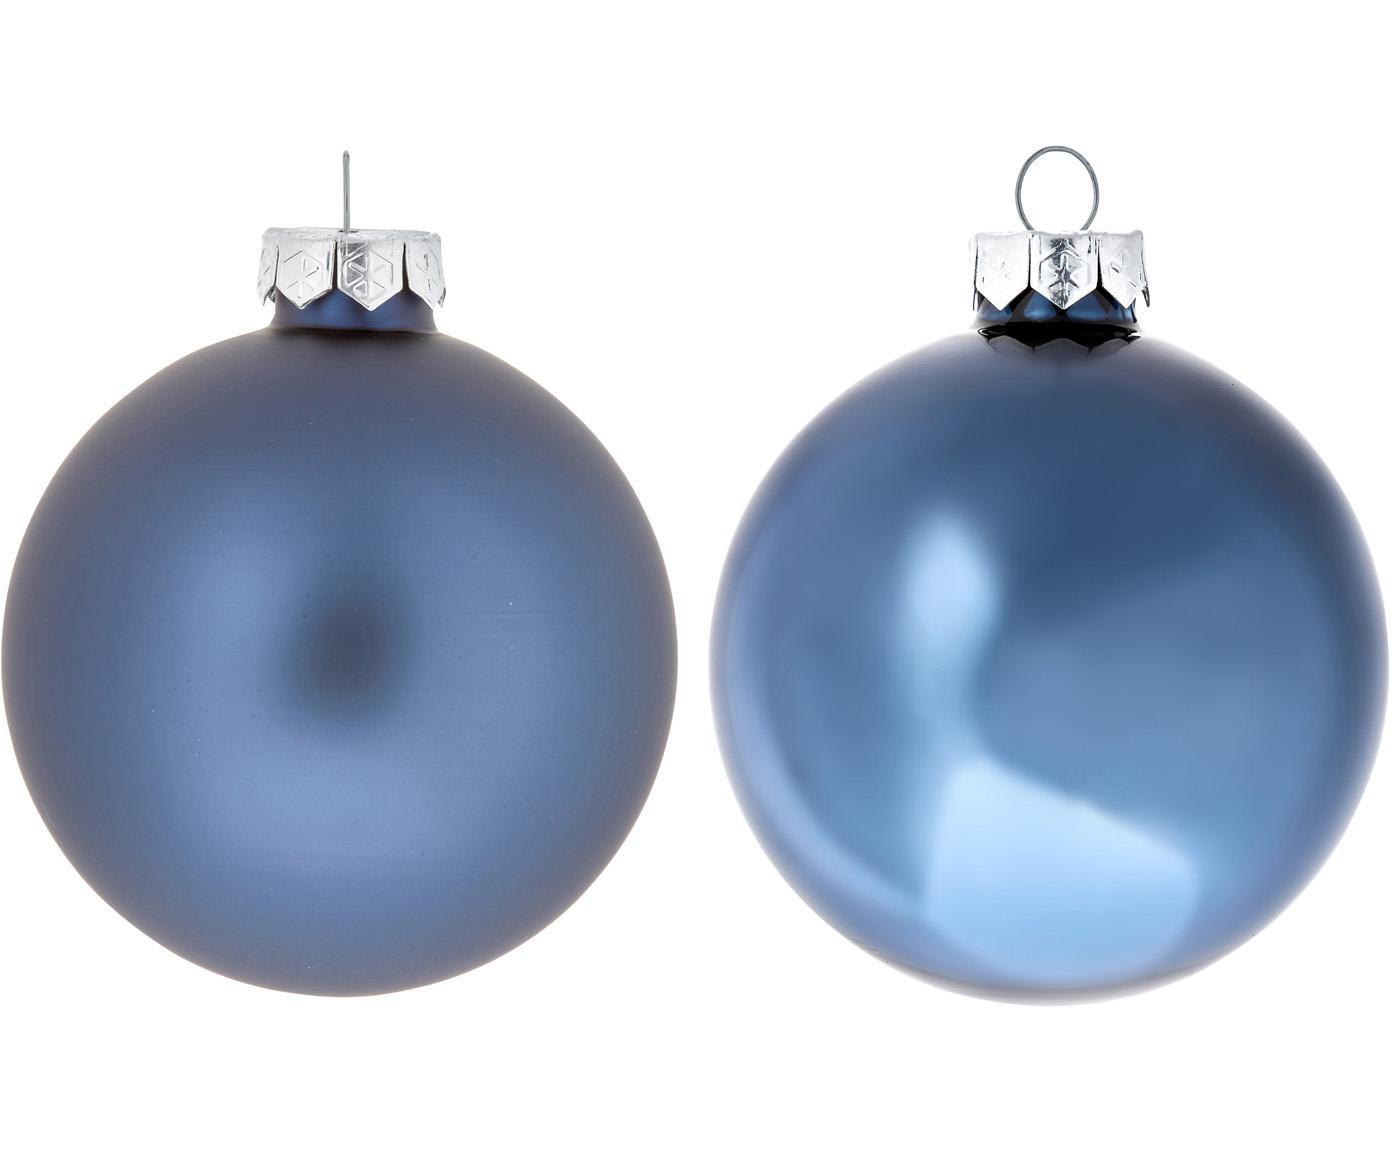 Mini-Weihnachtskugel-Set Evergreen Ø 4 cm, 16-tlg., Dunkelblau, Ø 4 cm